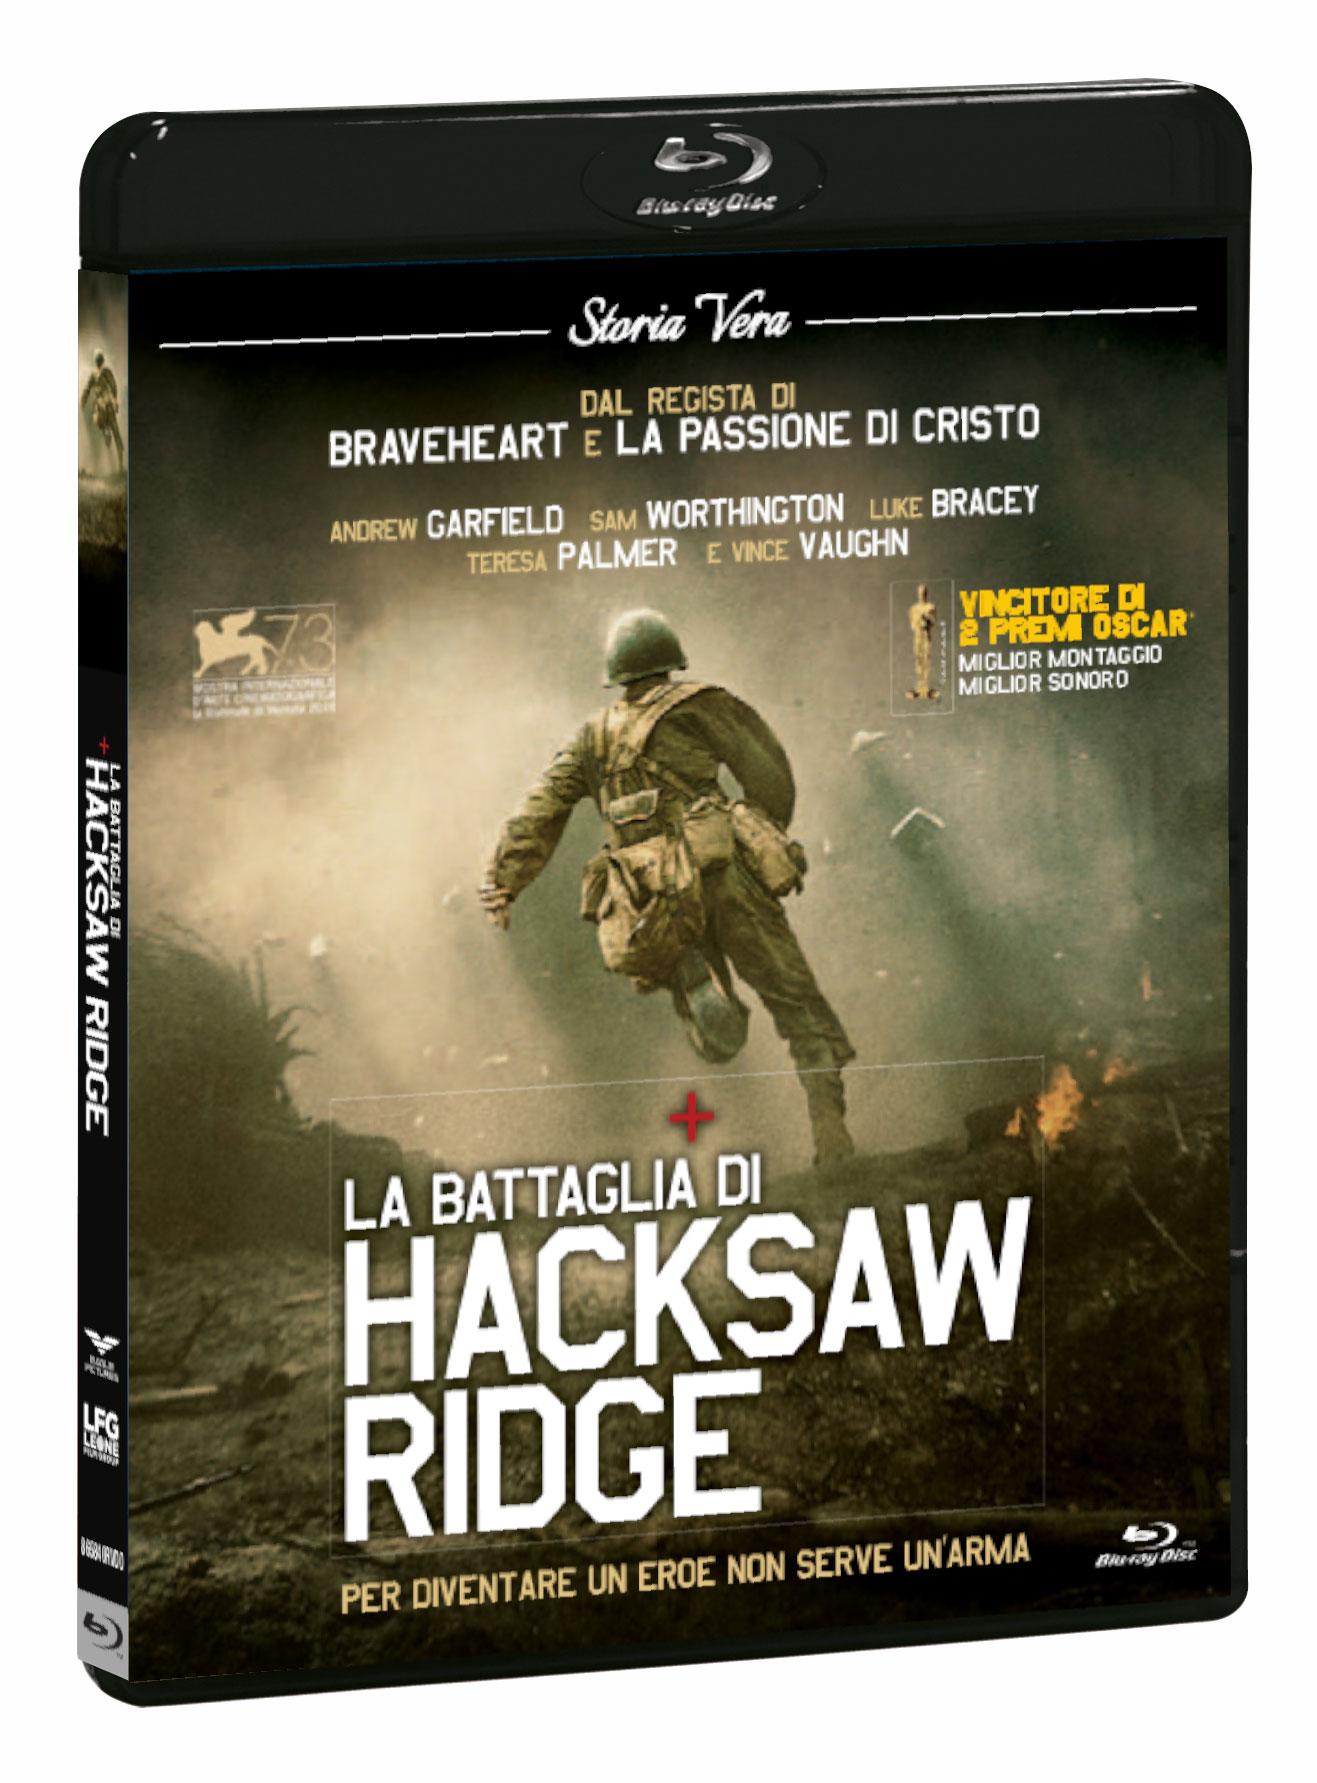 LA BATTAGLIA DI HACKSAW RIDGE (BLU-RAY+DVD)